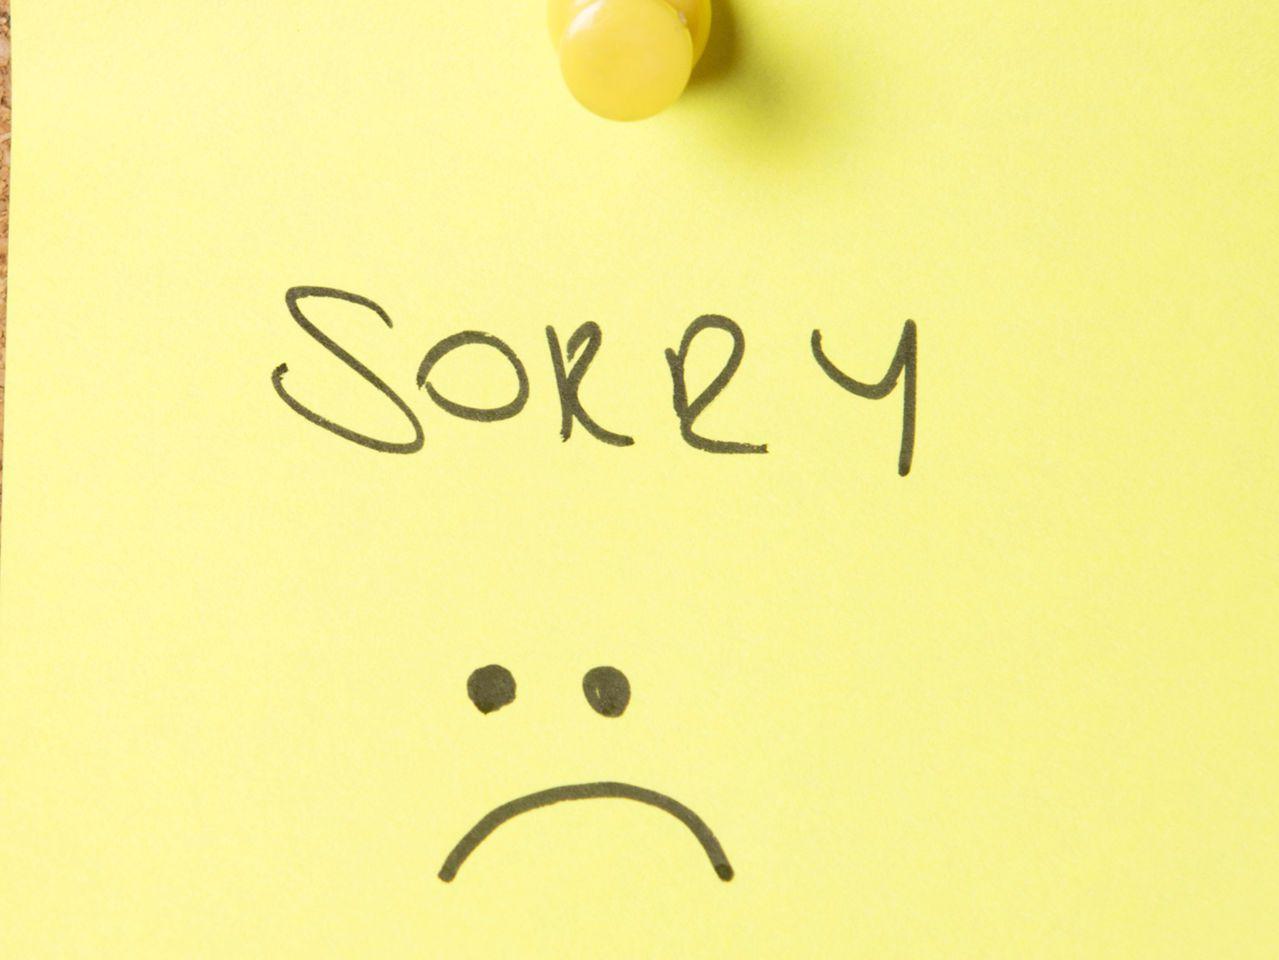 بالصور رسالة اعتذار لصديق , اصدق كلمات اعتذار لصديق 3635 5